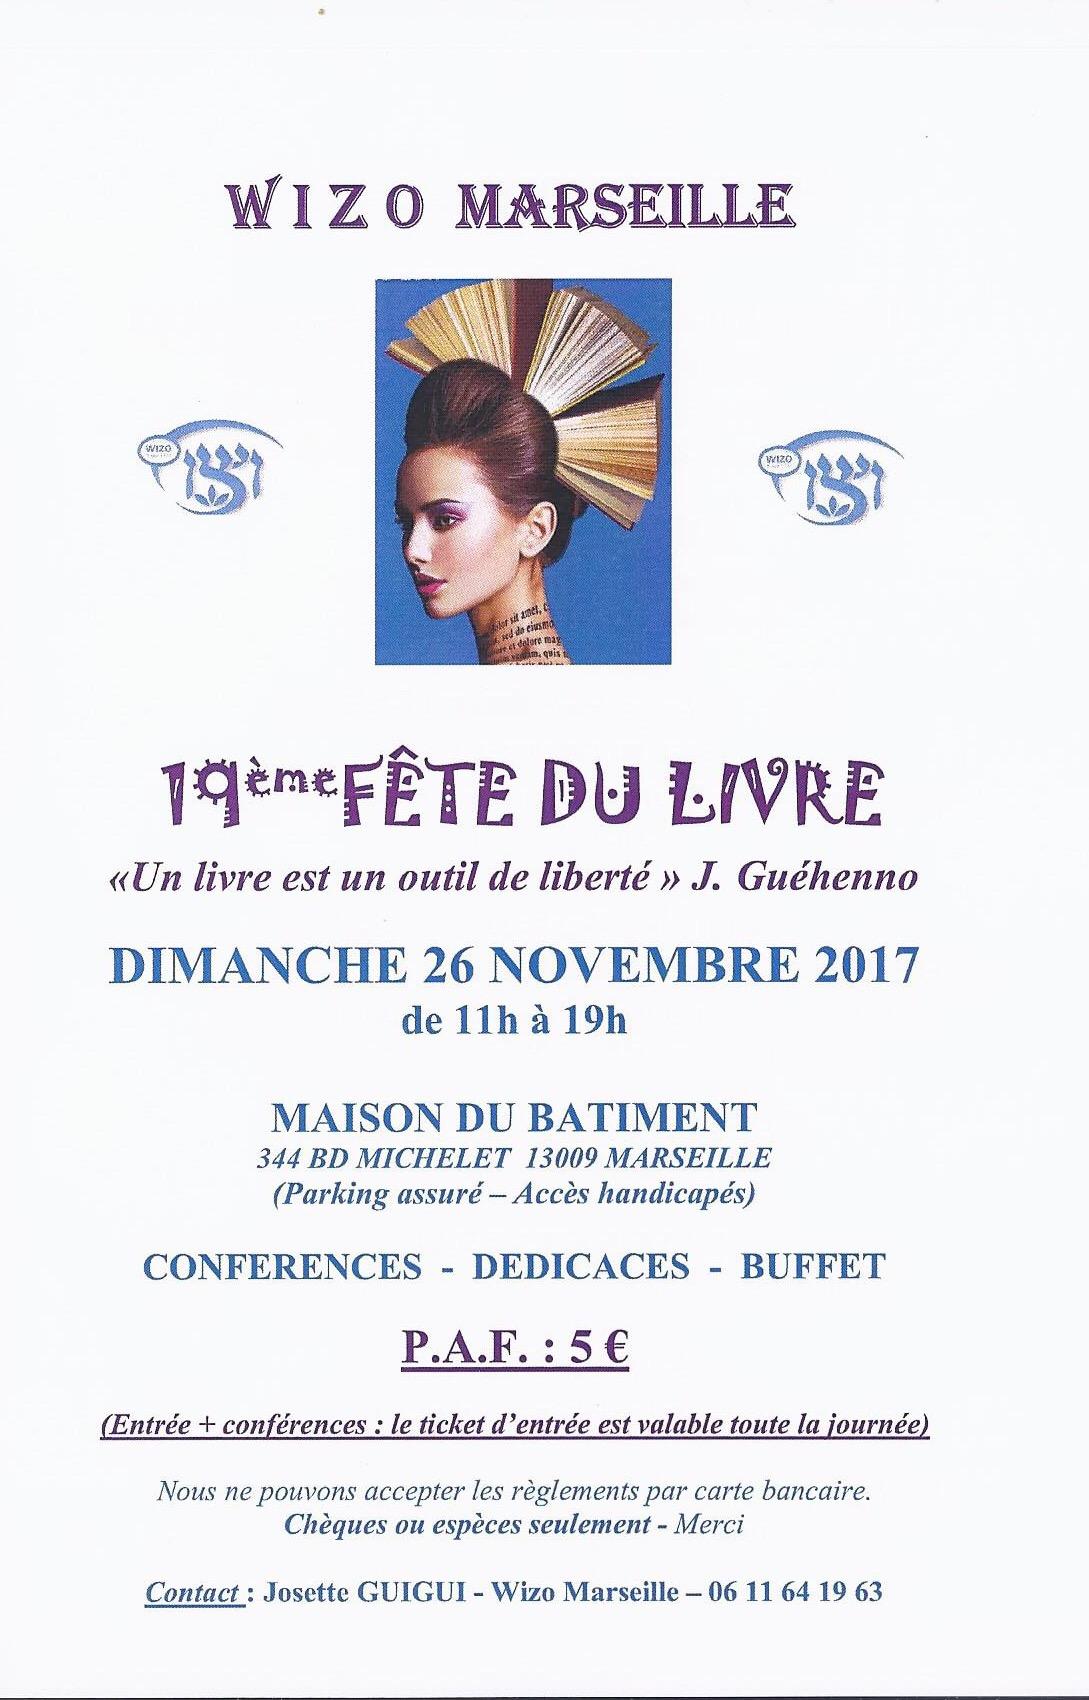 Savethedate salon du livre de la wizo dimanche 26 novembre 2017 crif marseille provence - Invitation salon du livre ...